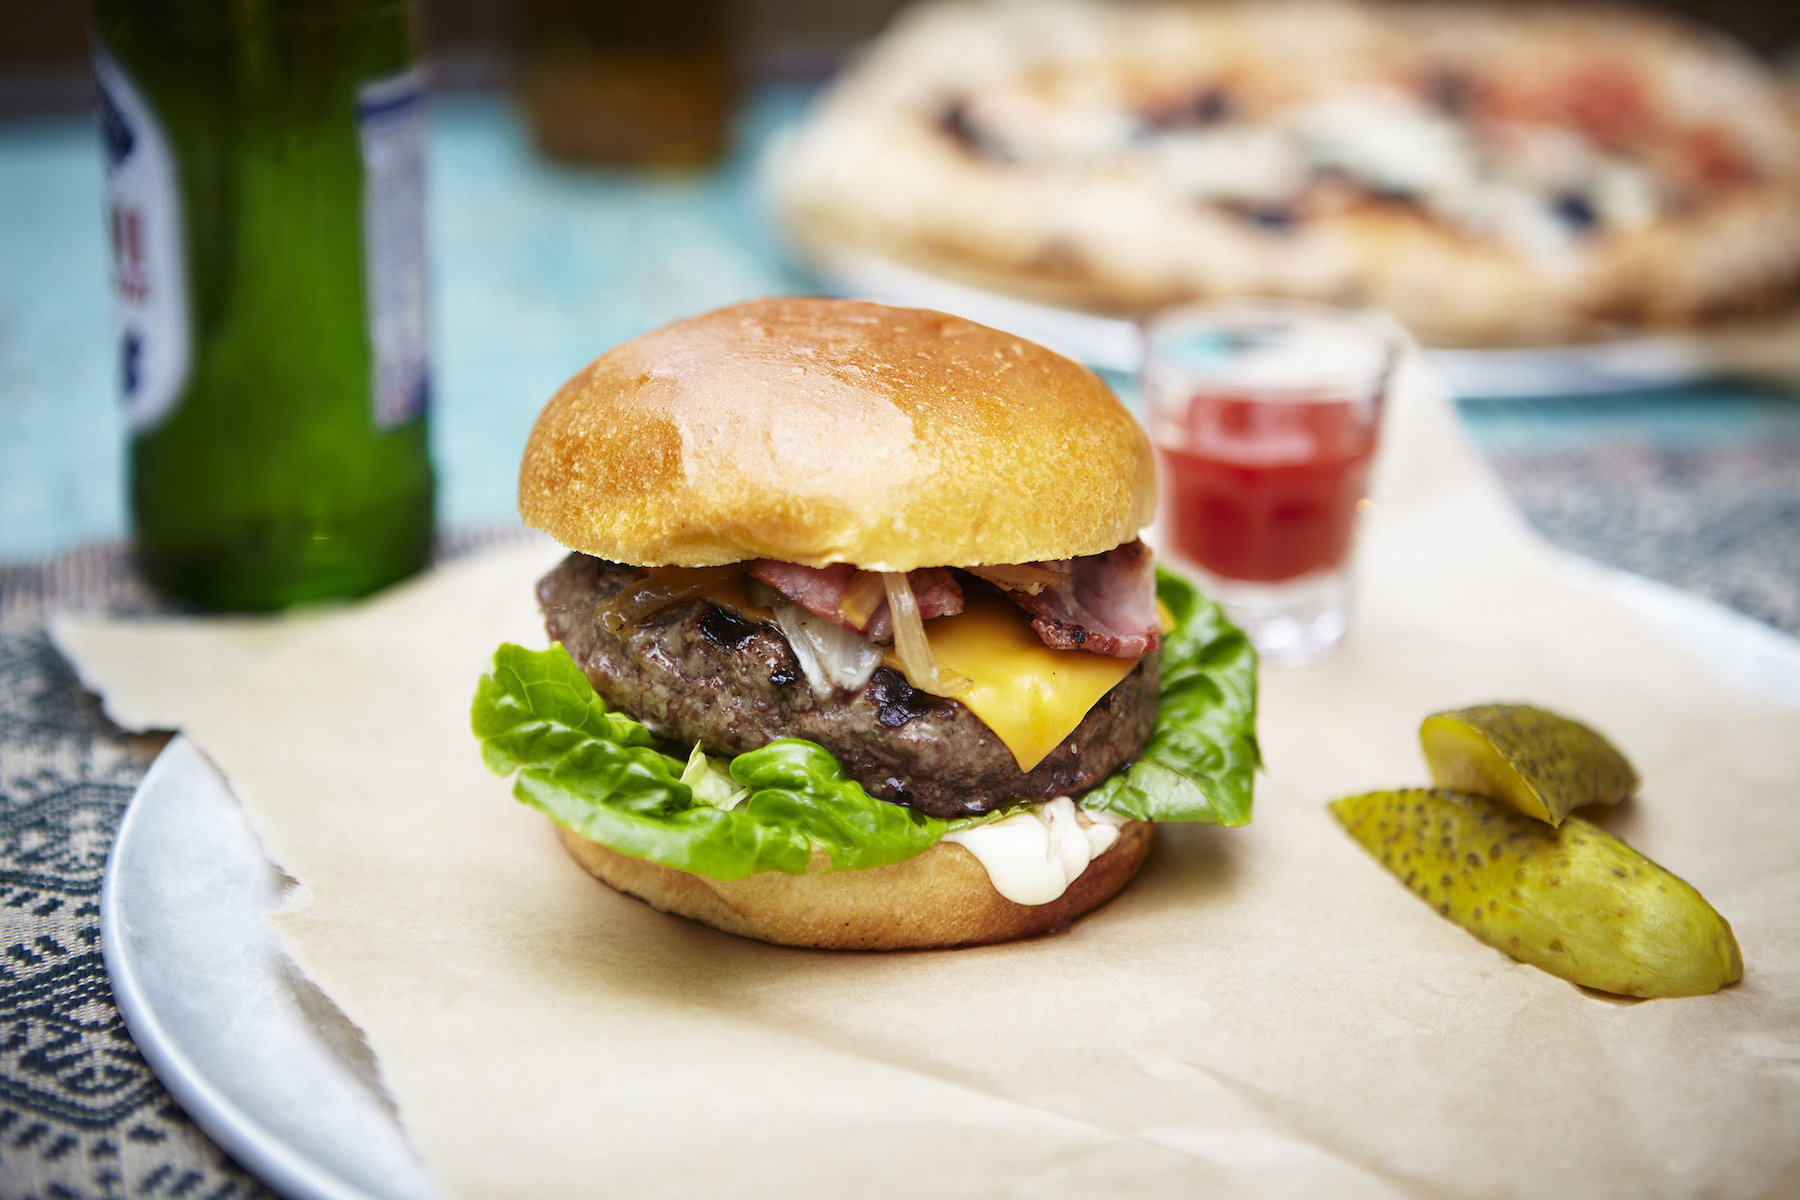 icon-artist-management-katie-hammond-food-burger_672_ret_flat.jpg